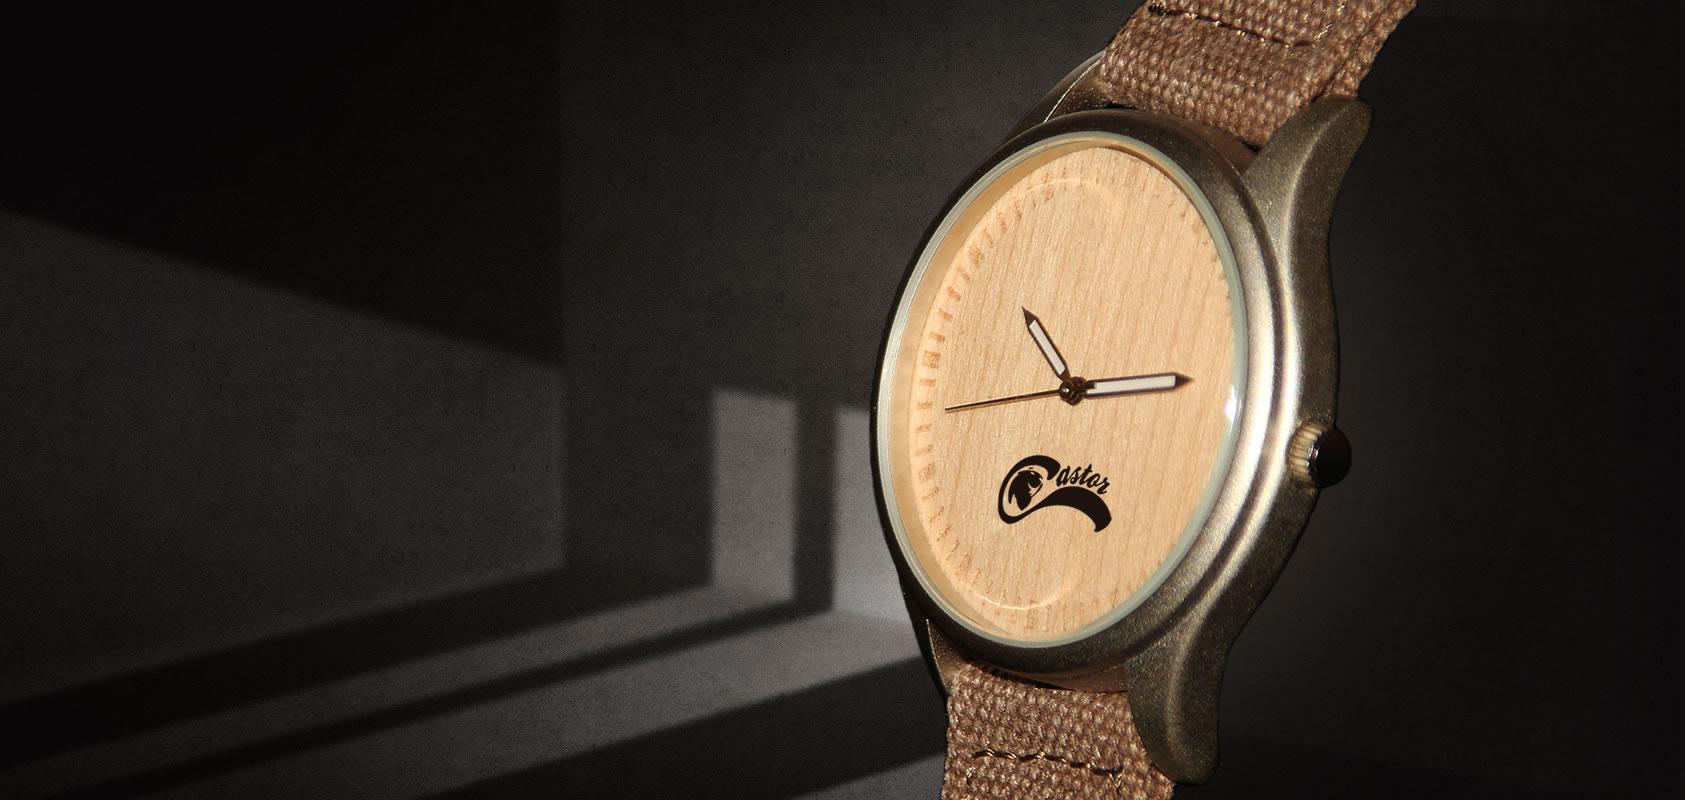 Relojes Castor - Relojs de Madera